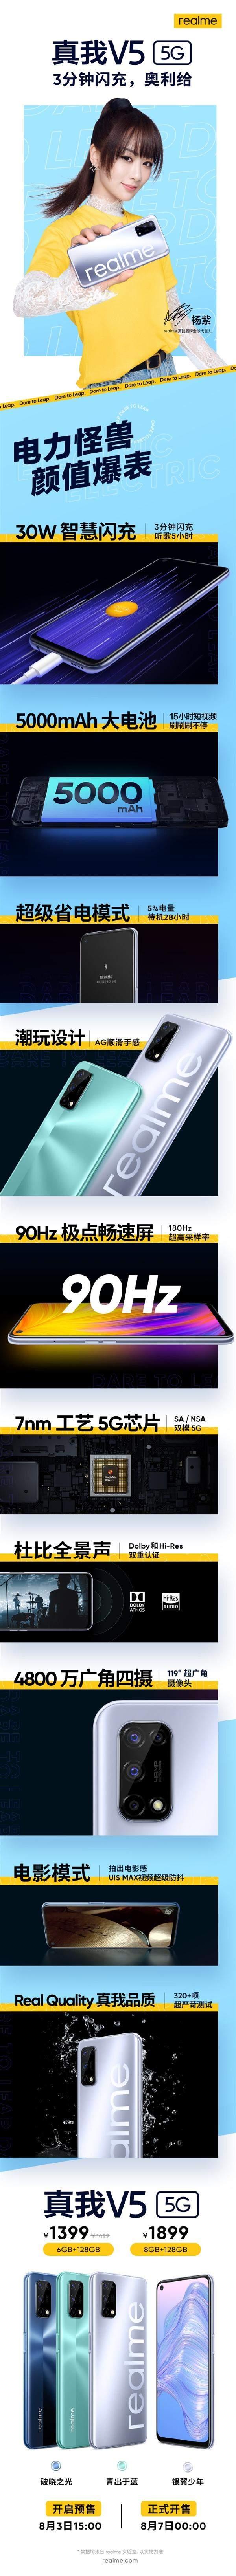 杨紫同款,5G手机最低门槛Realme V5,到手仅需1399元